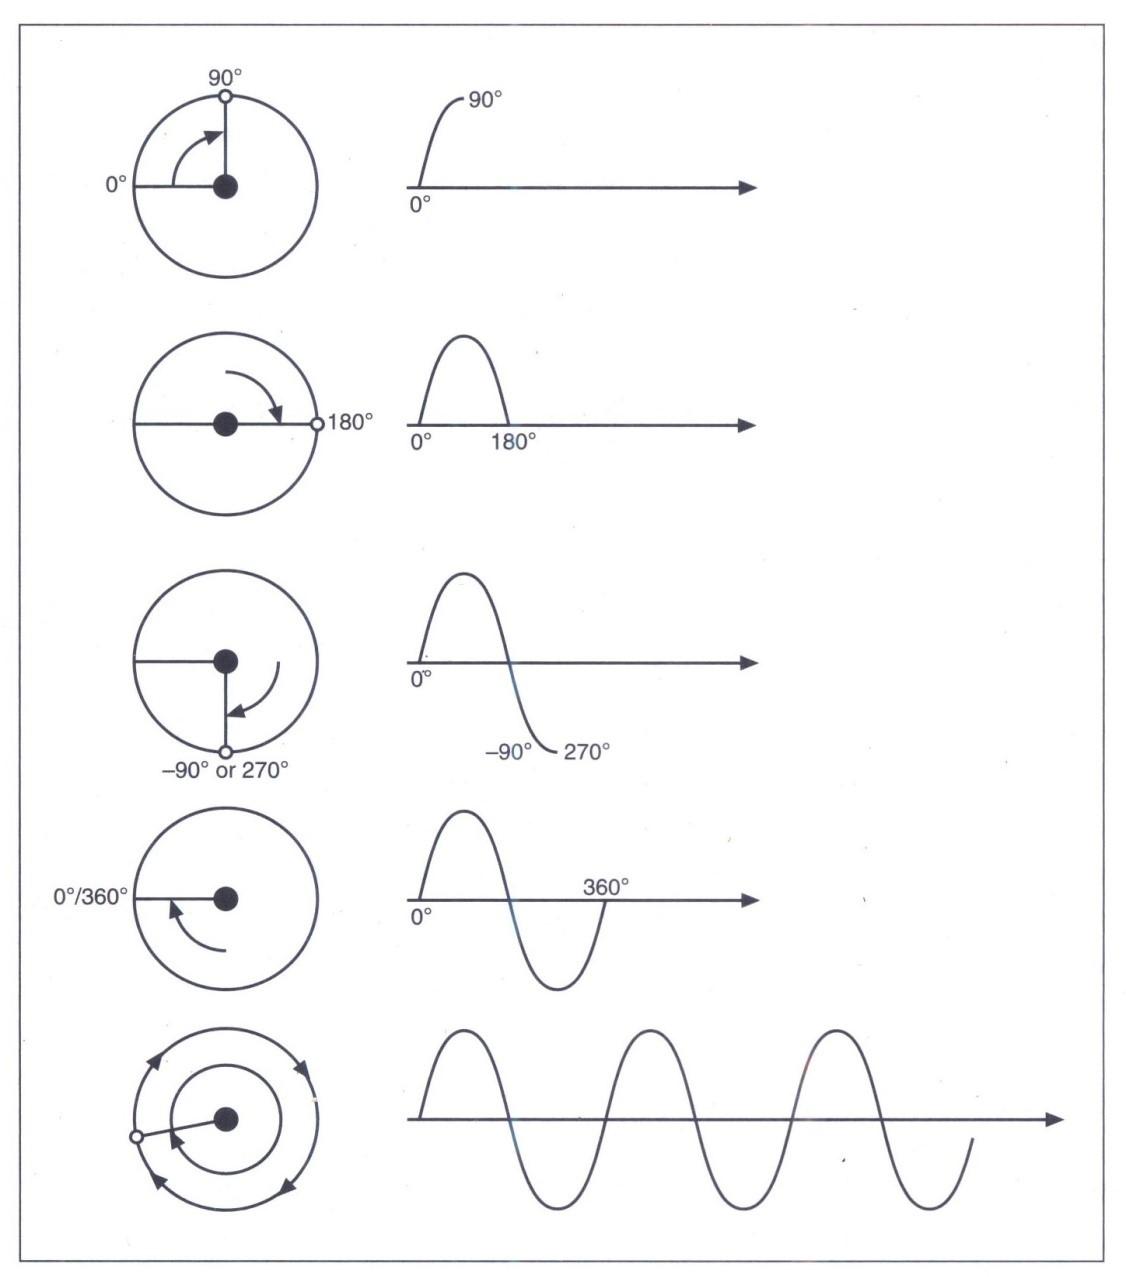 sóng kết hợp tạo ra hiện tượng cộng hưởng, giao thoa